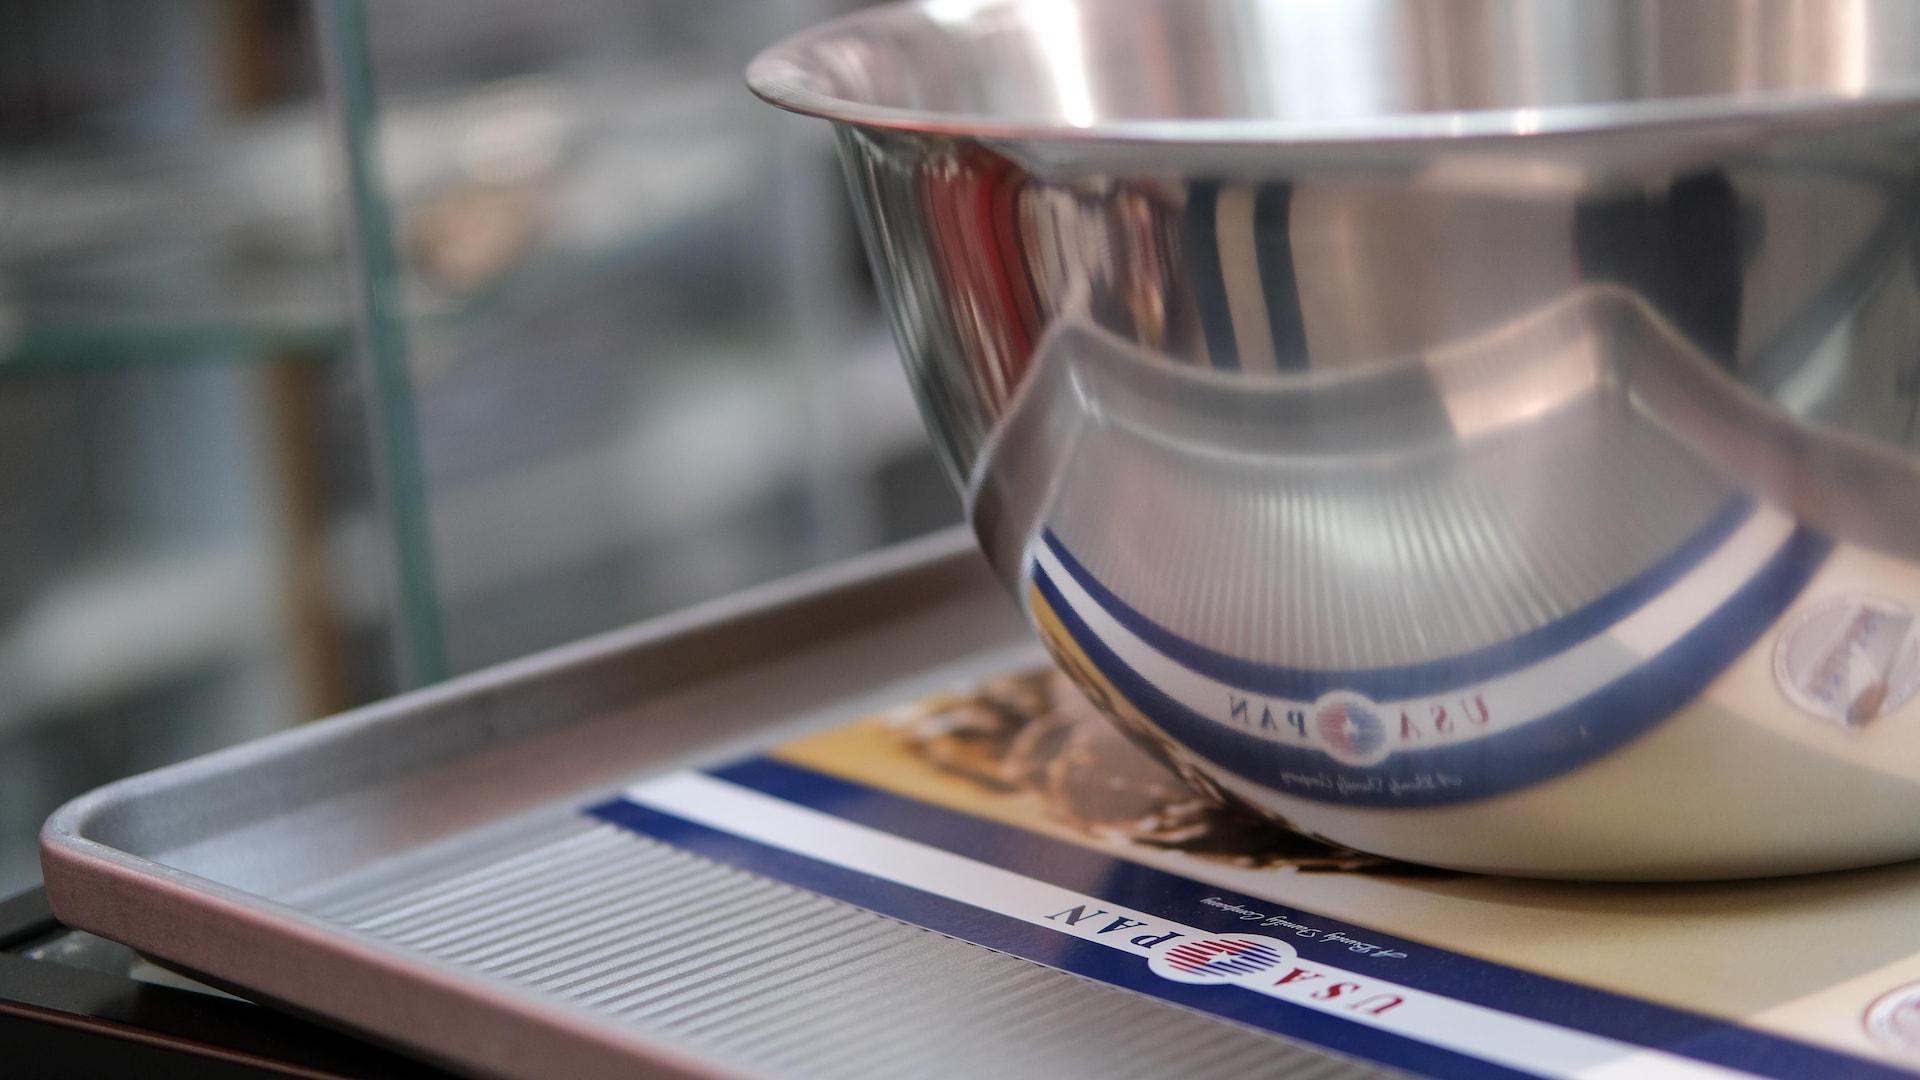 La qualité des matériaux fait souvent toute la différence en cuisine, mais ils ne font pas le cuisinier.